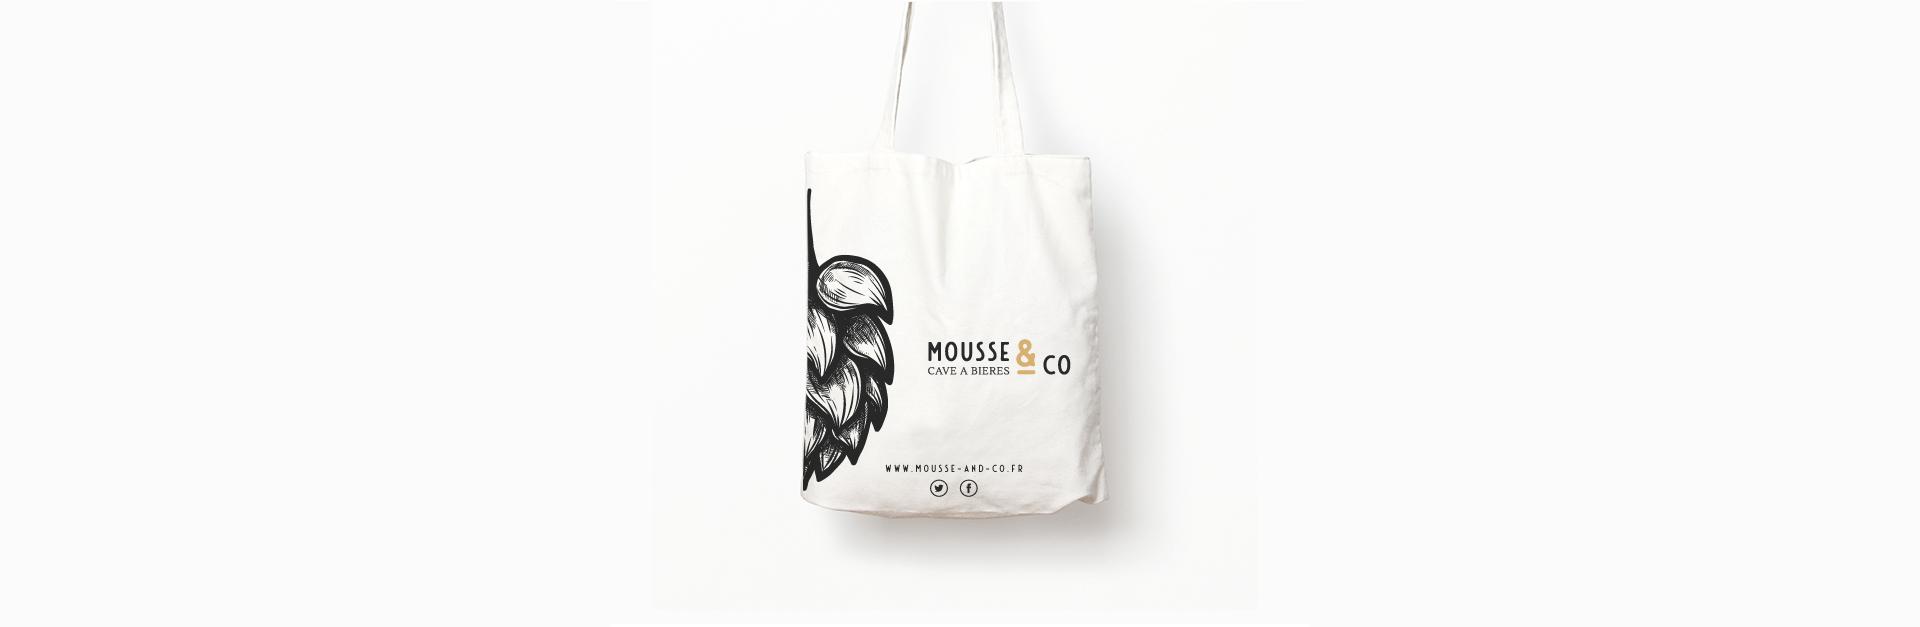 Objet de communication pour Mousse and Co imaginé par l'agence studio N°3